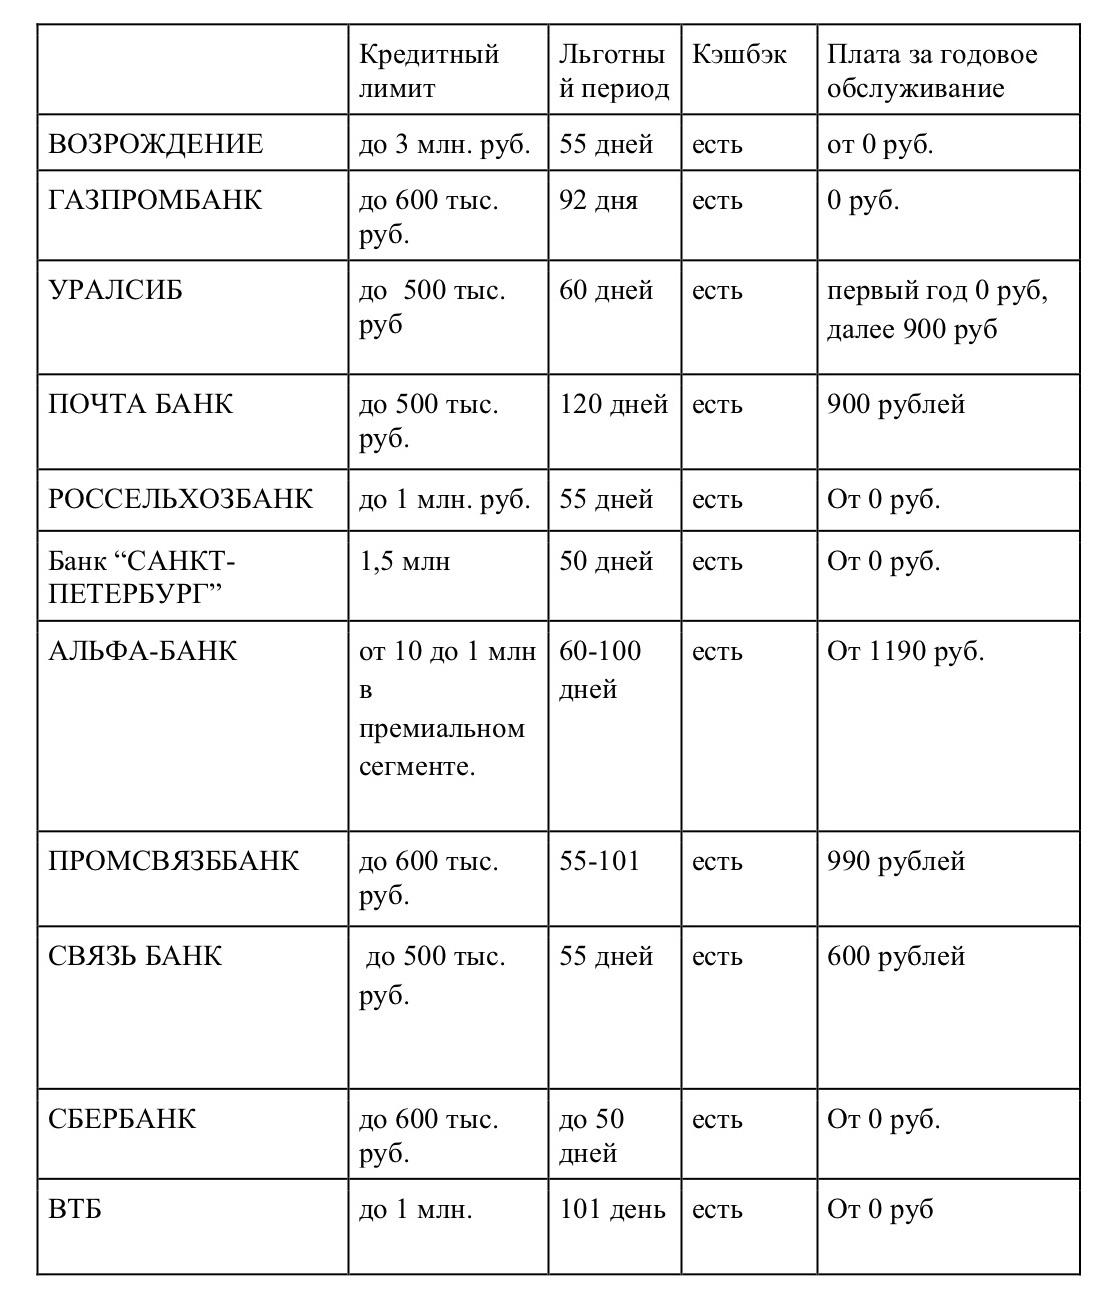 уралсиб банк кредитная карта 120 дней список банков выдающих кредит